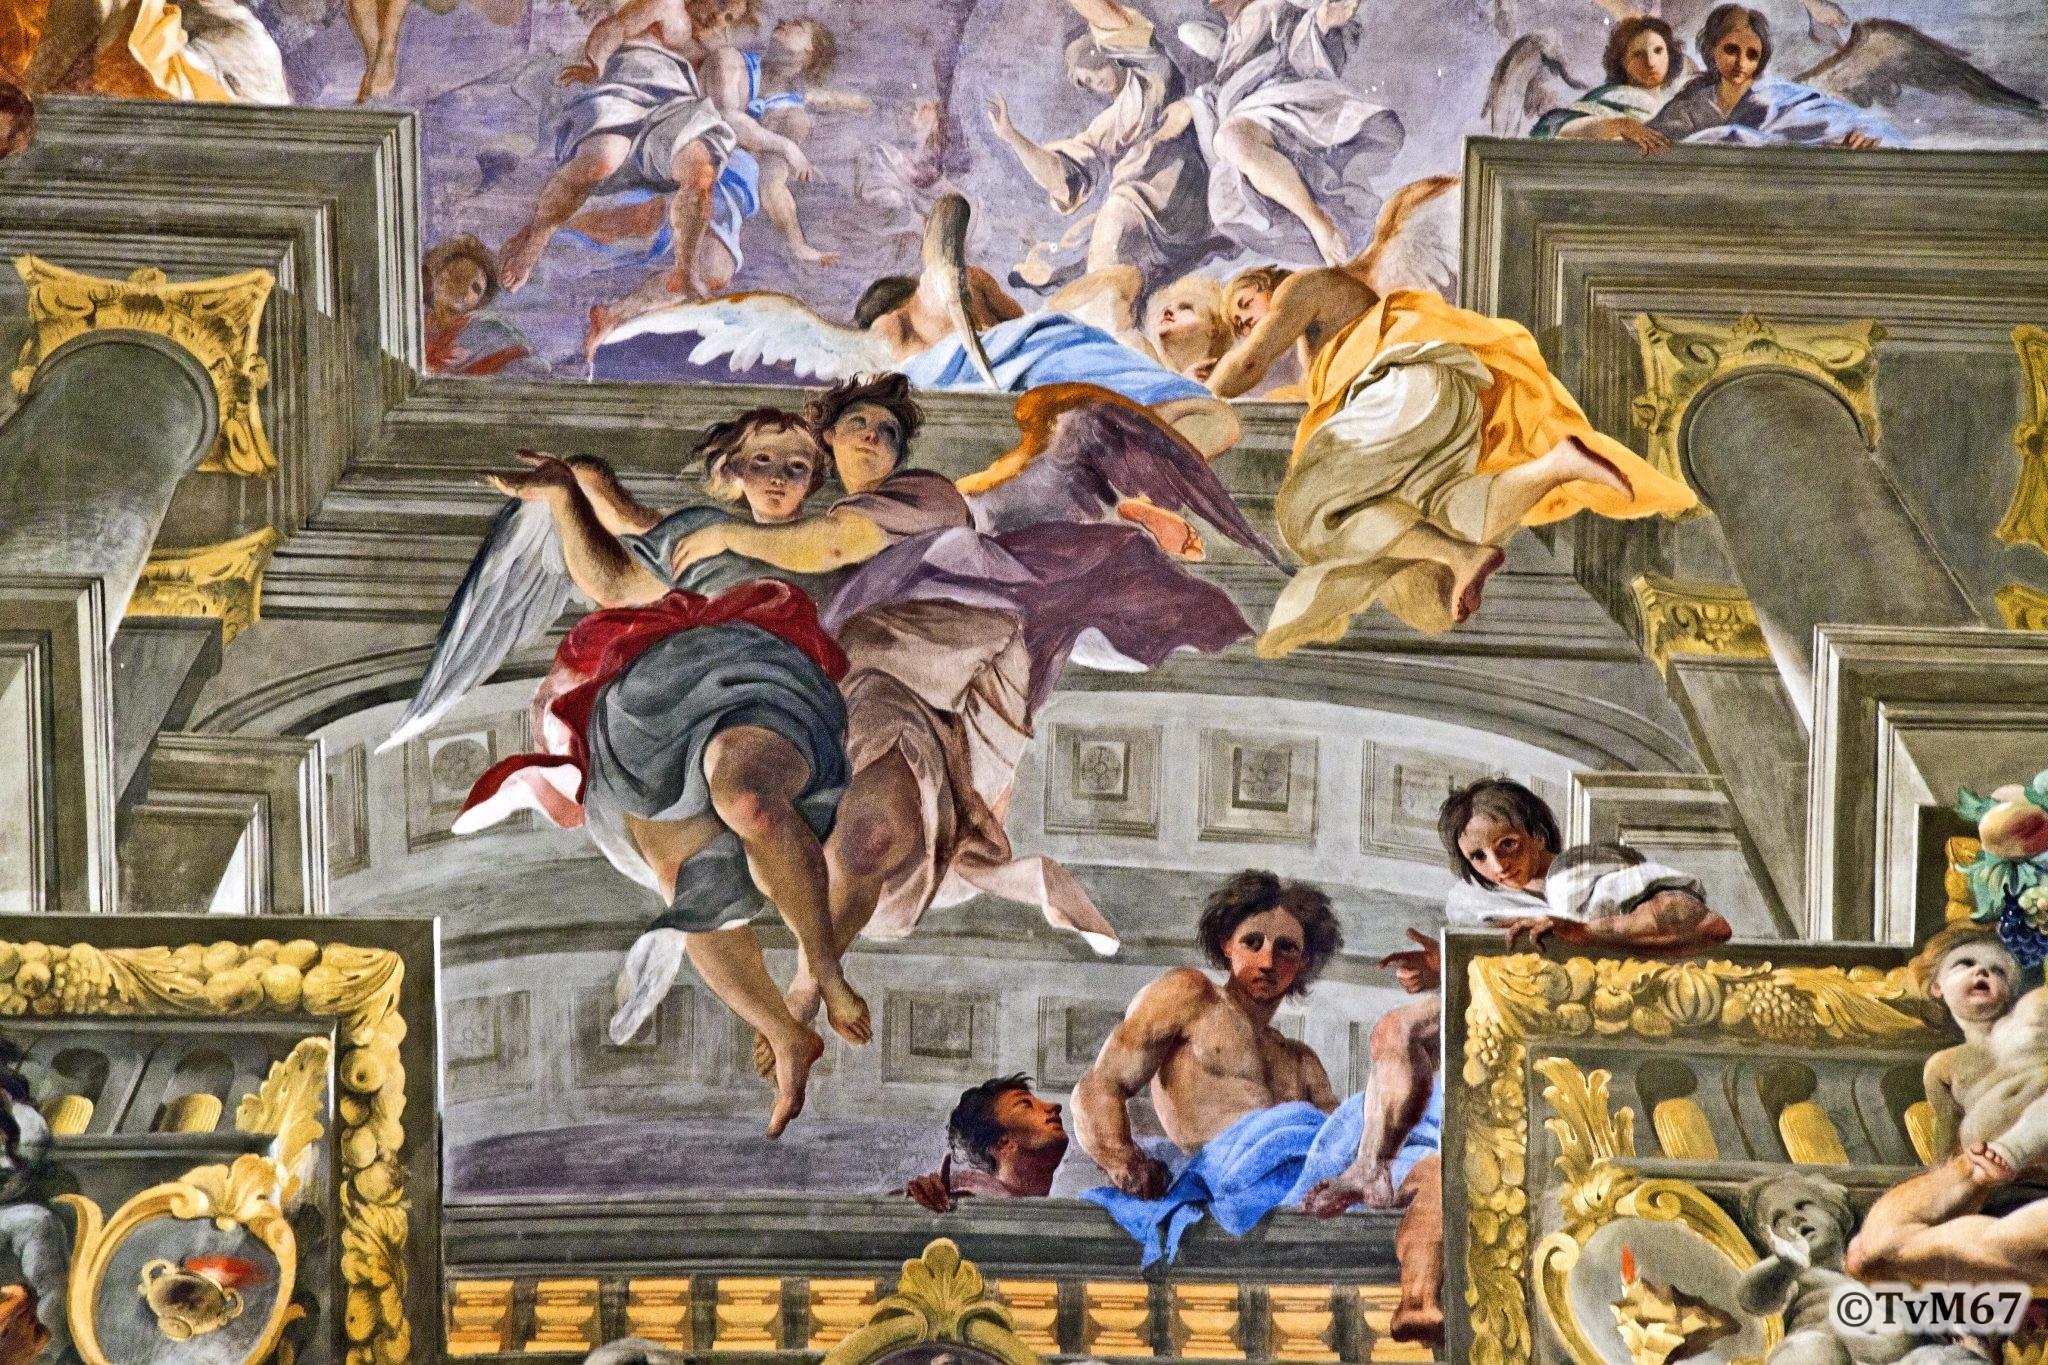 Roma, Chiesa di Sant'Ignazio, Middenschip, Pozzo, Plafond, detail 1, 2011